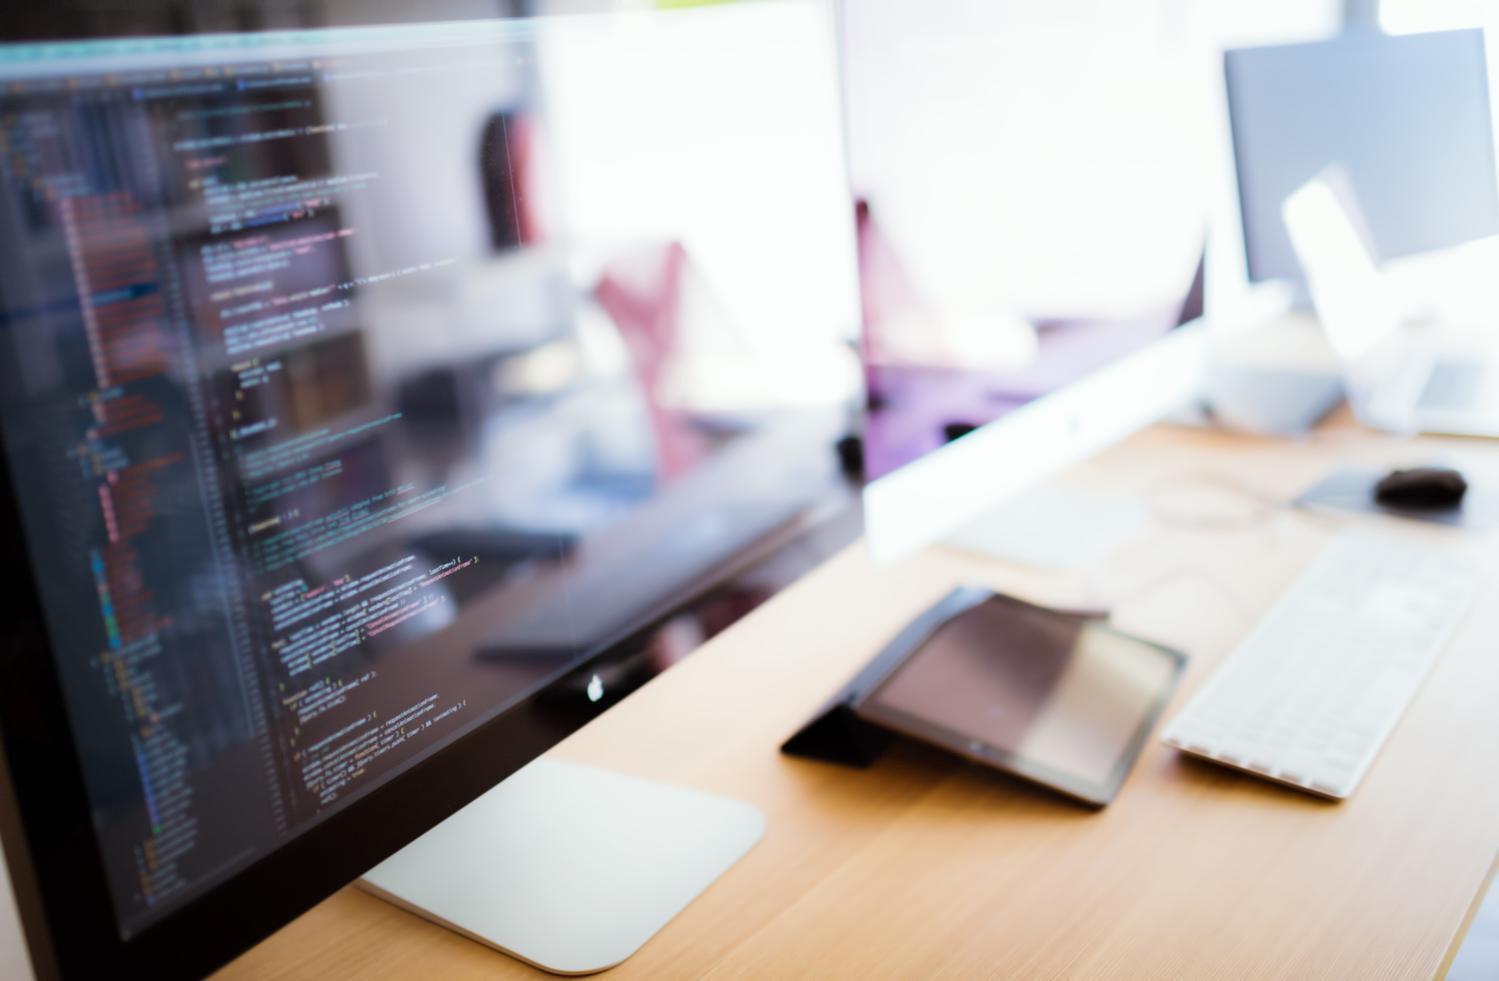 クラウドソーシングで働くフリーエンジニアに必要なスキル - 要件を読み解くスキル